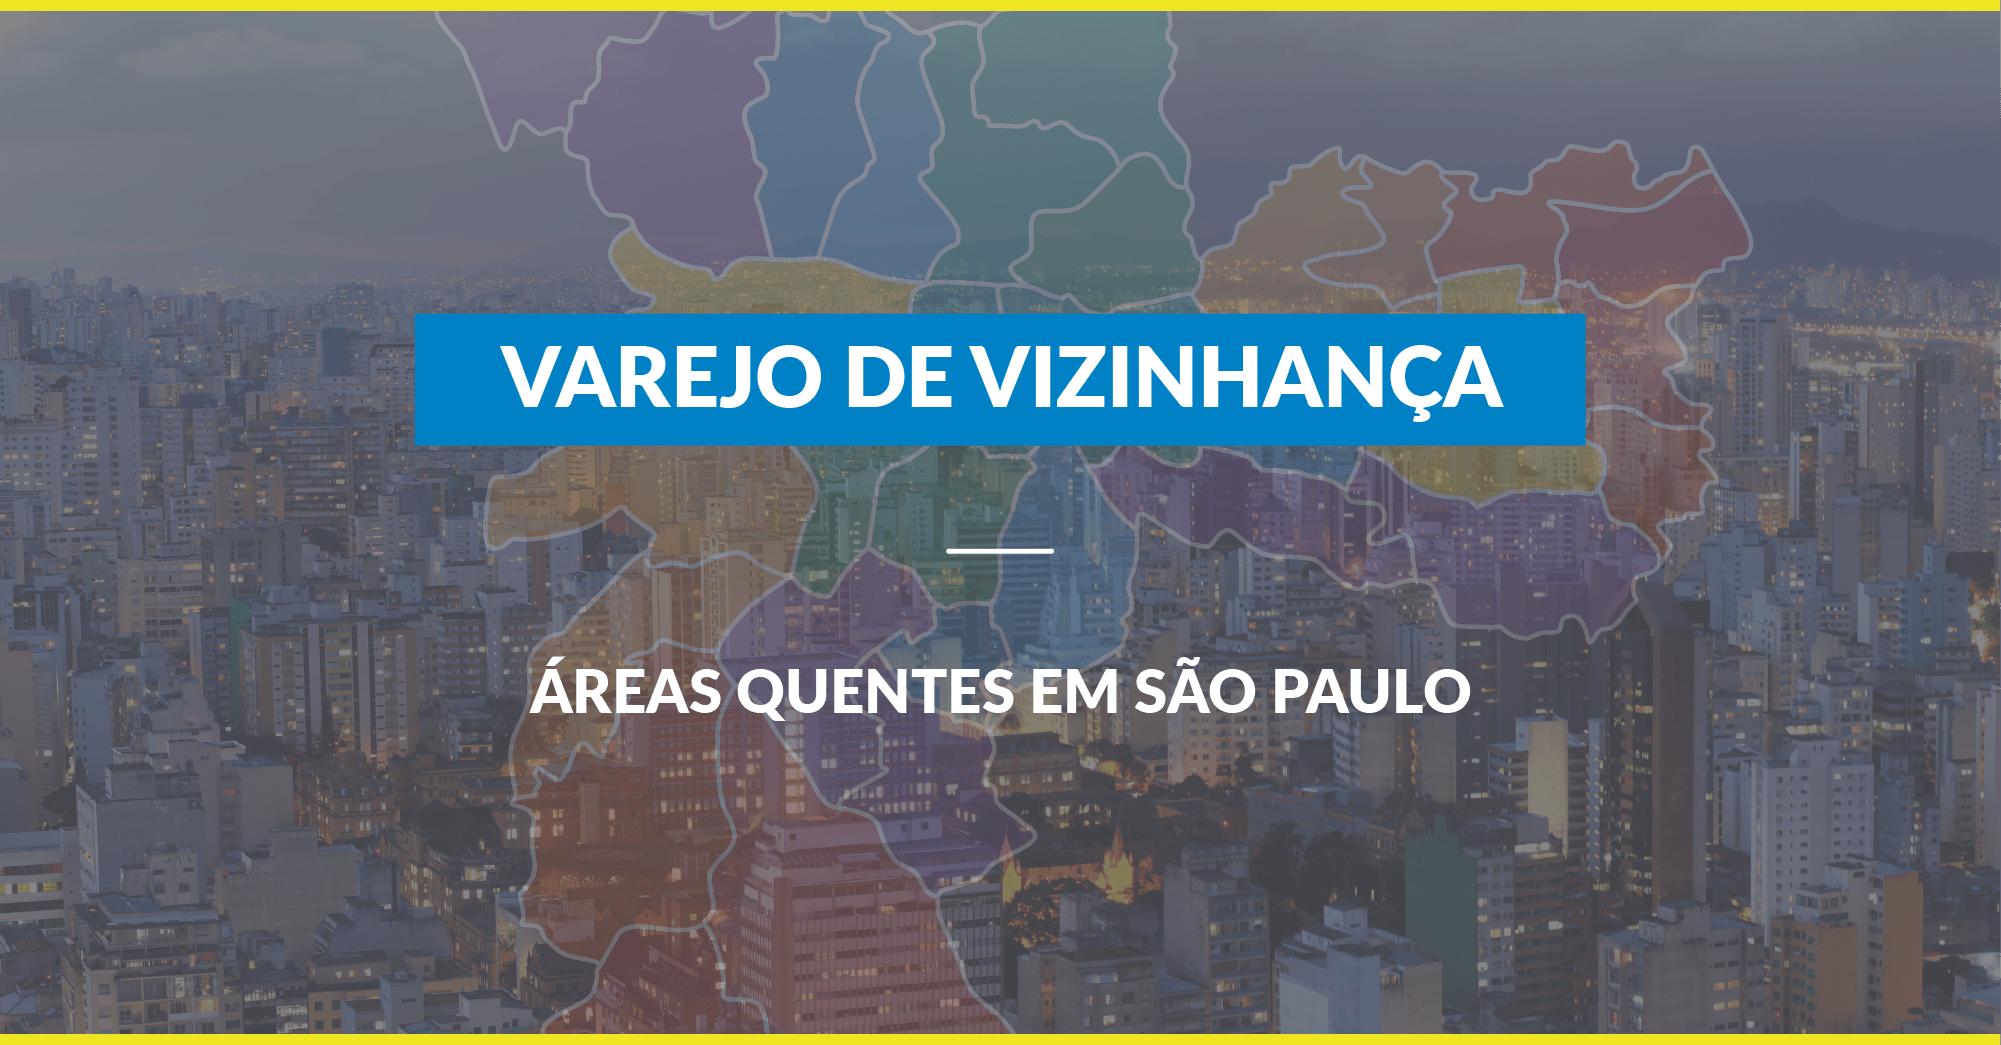 [Infográfico] Varejo de vizinhança: as áreas quentes em São Paulo